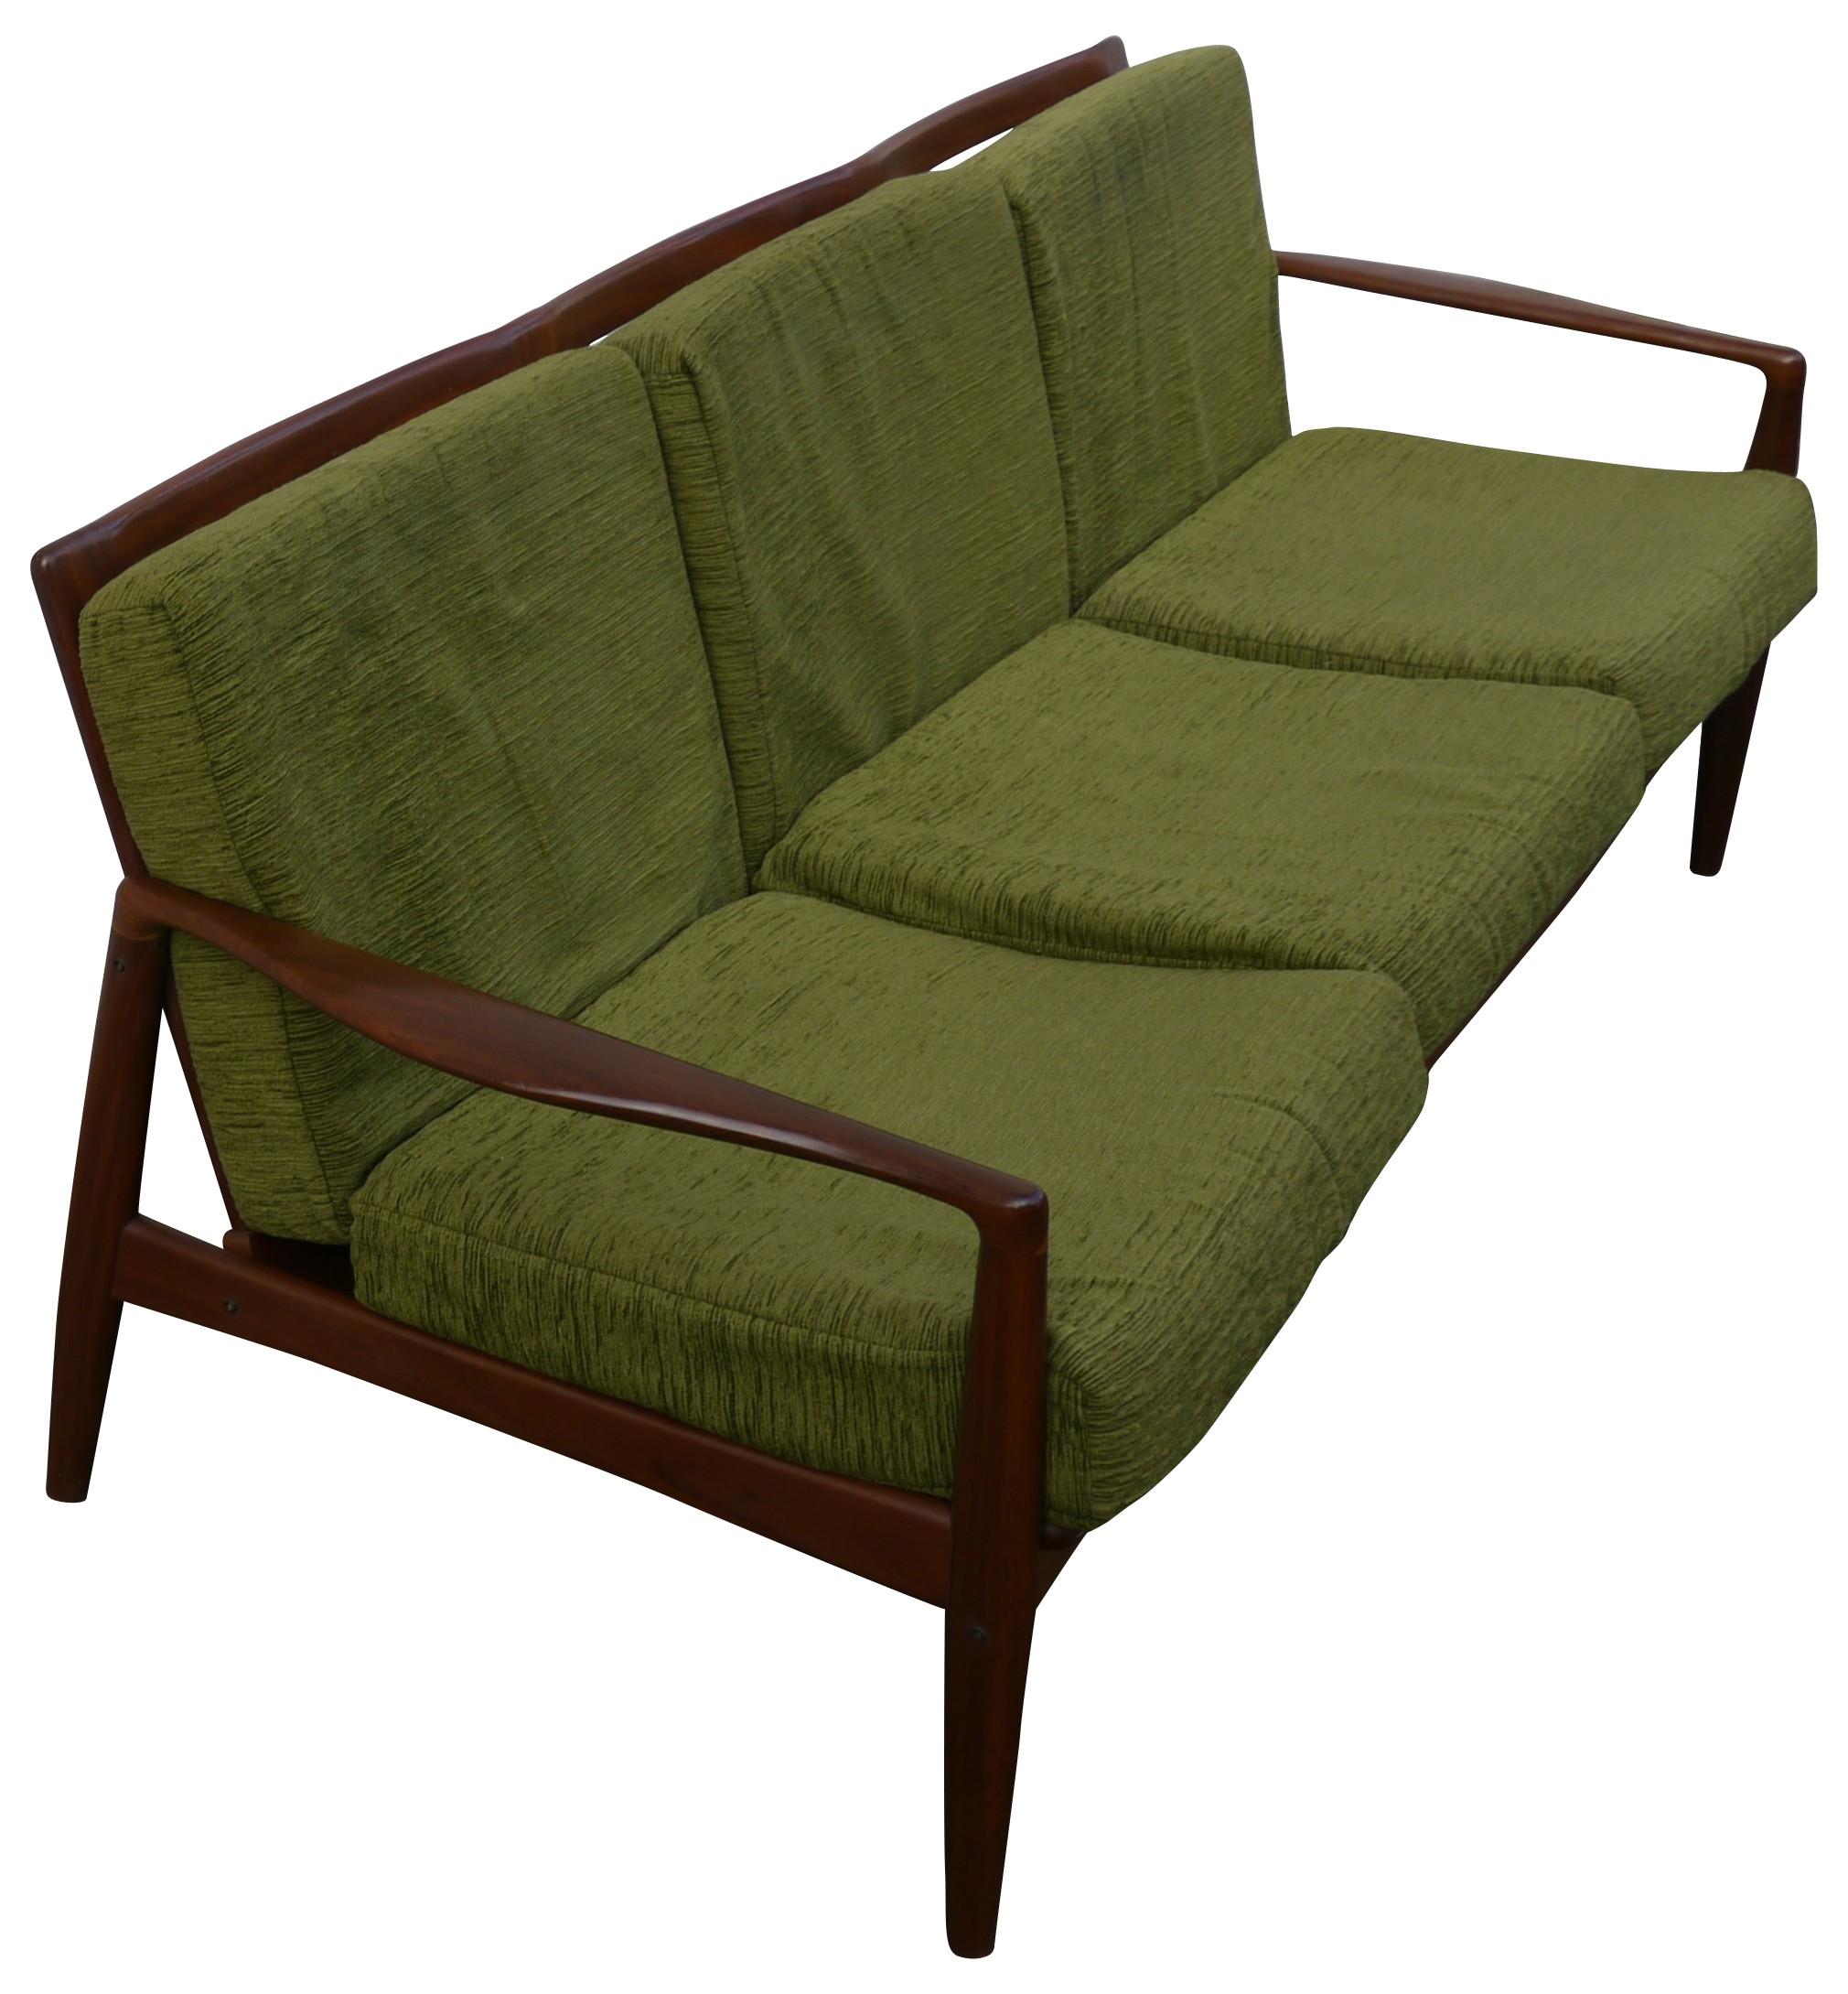 upholstery cuddle green full size saver of serta sofa sofas velvet sleeper loveseat